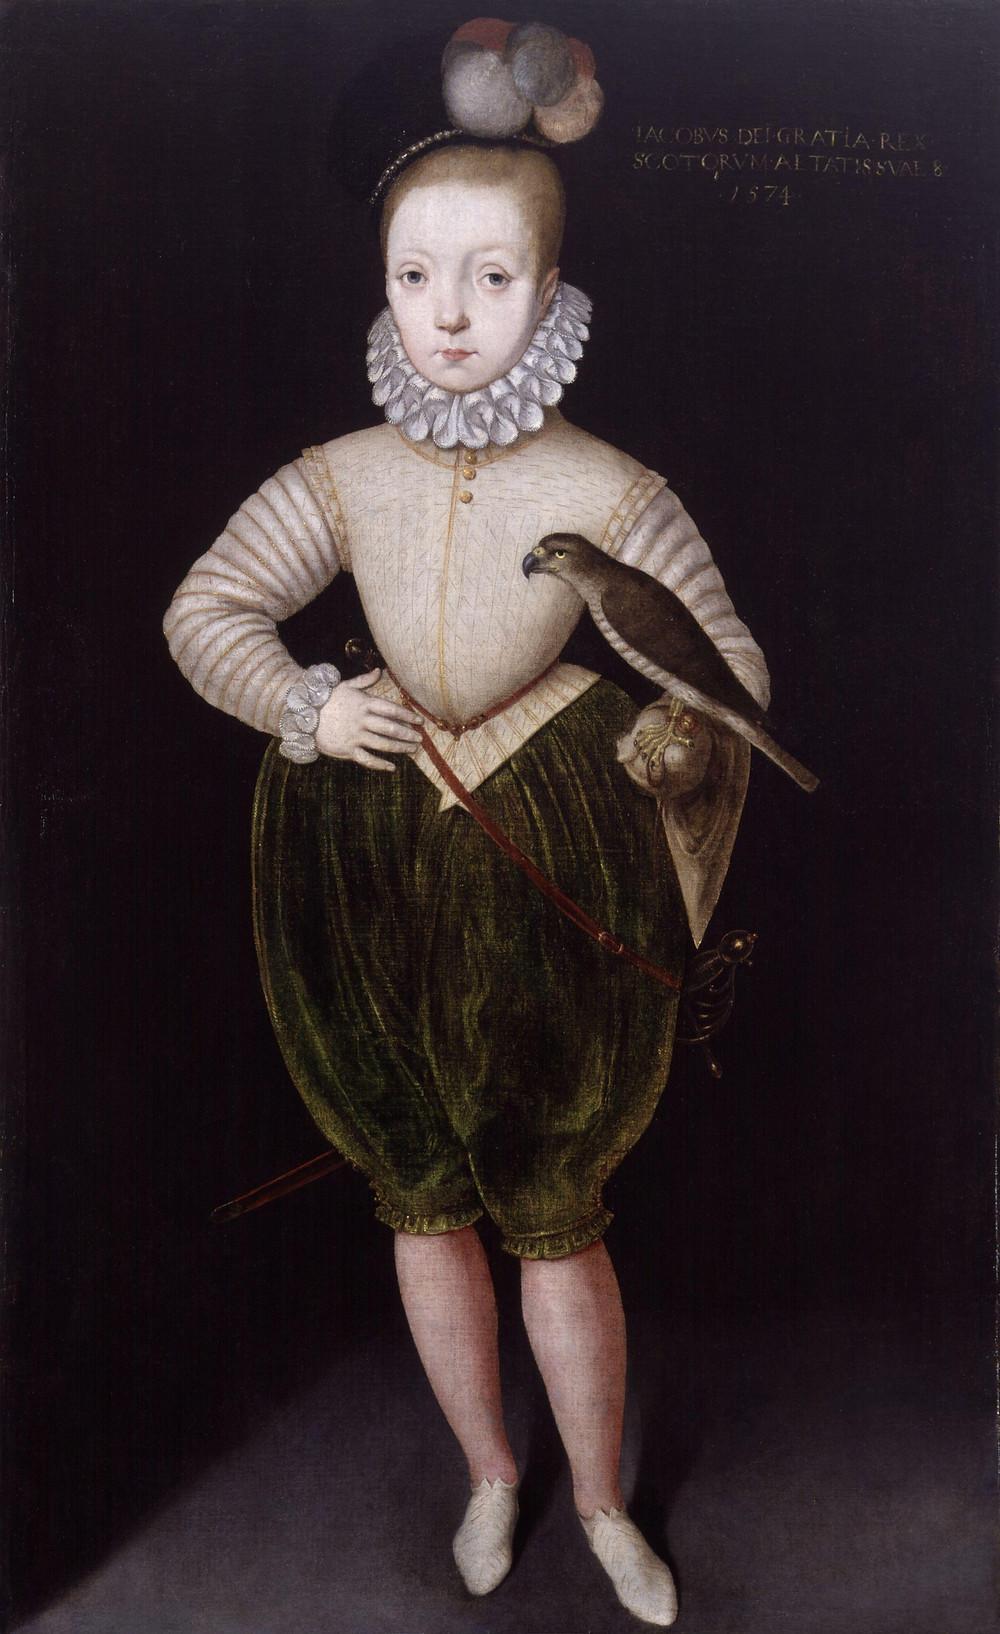 Portrait of King James VI & I  as a boy, after Arnold Bronckorst, 1574. National Portrait Gallery, London.